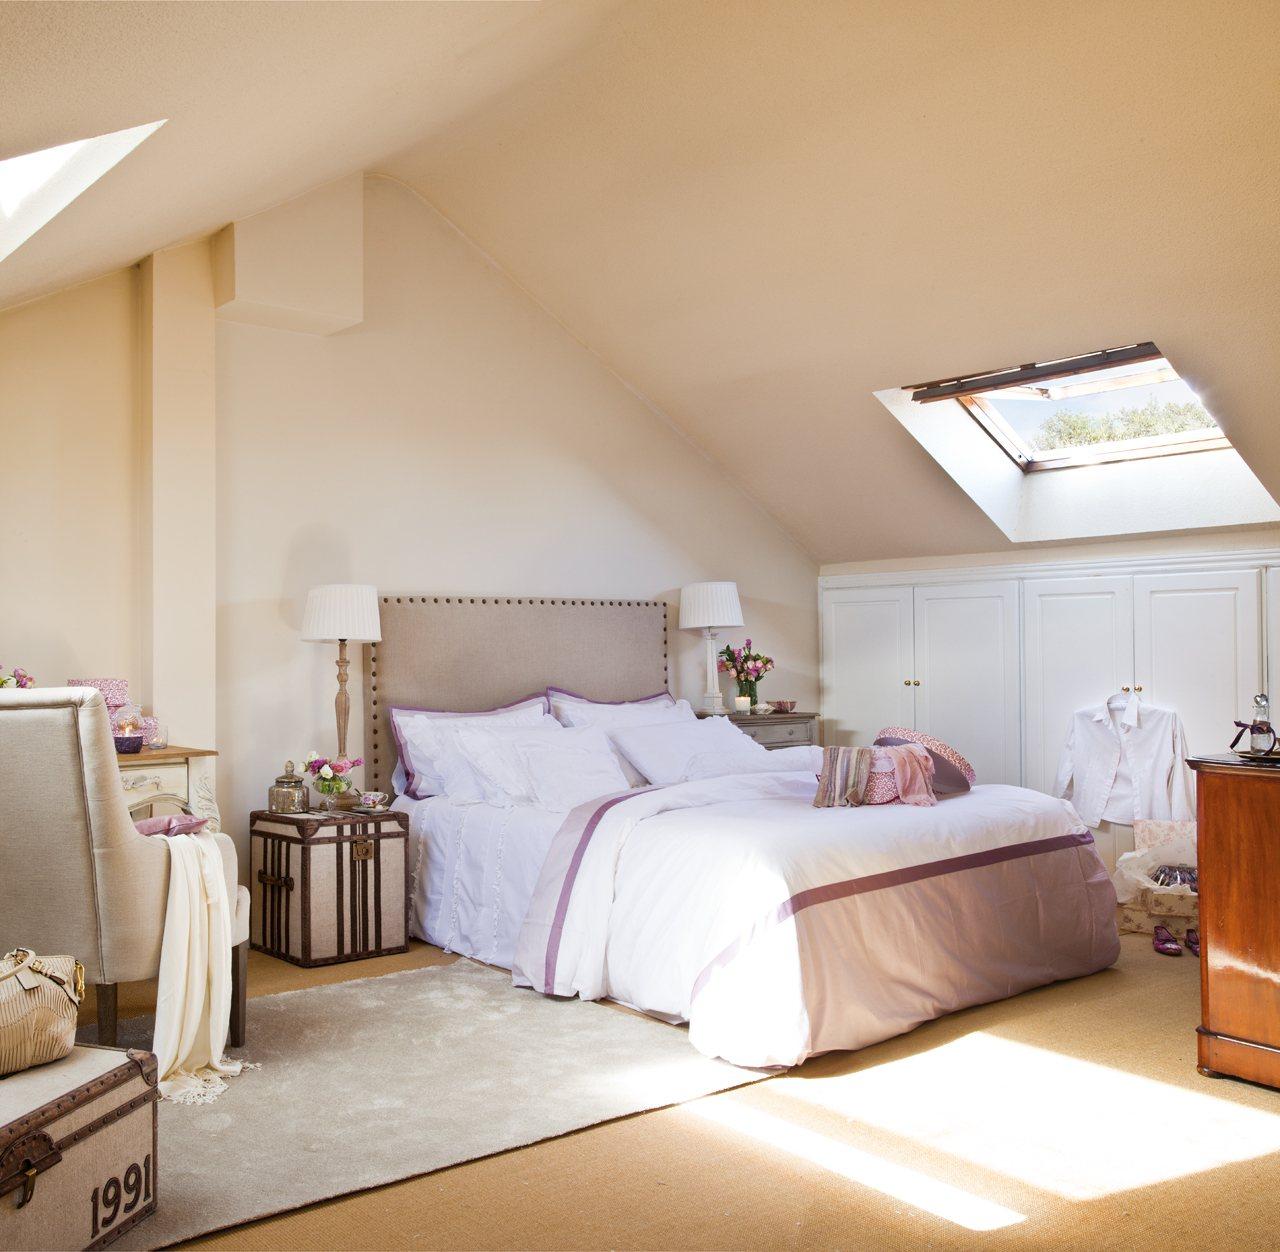 Расстановка мебели в спальне в пастельных тонах